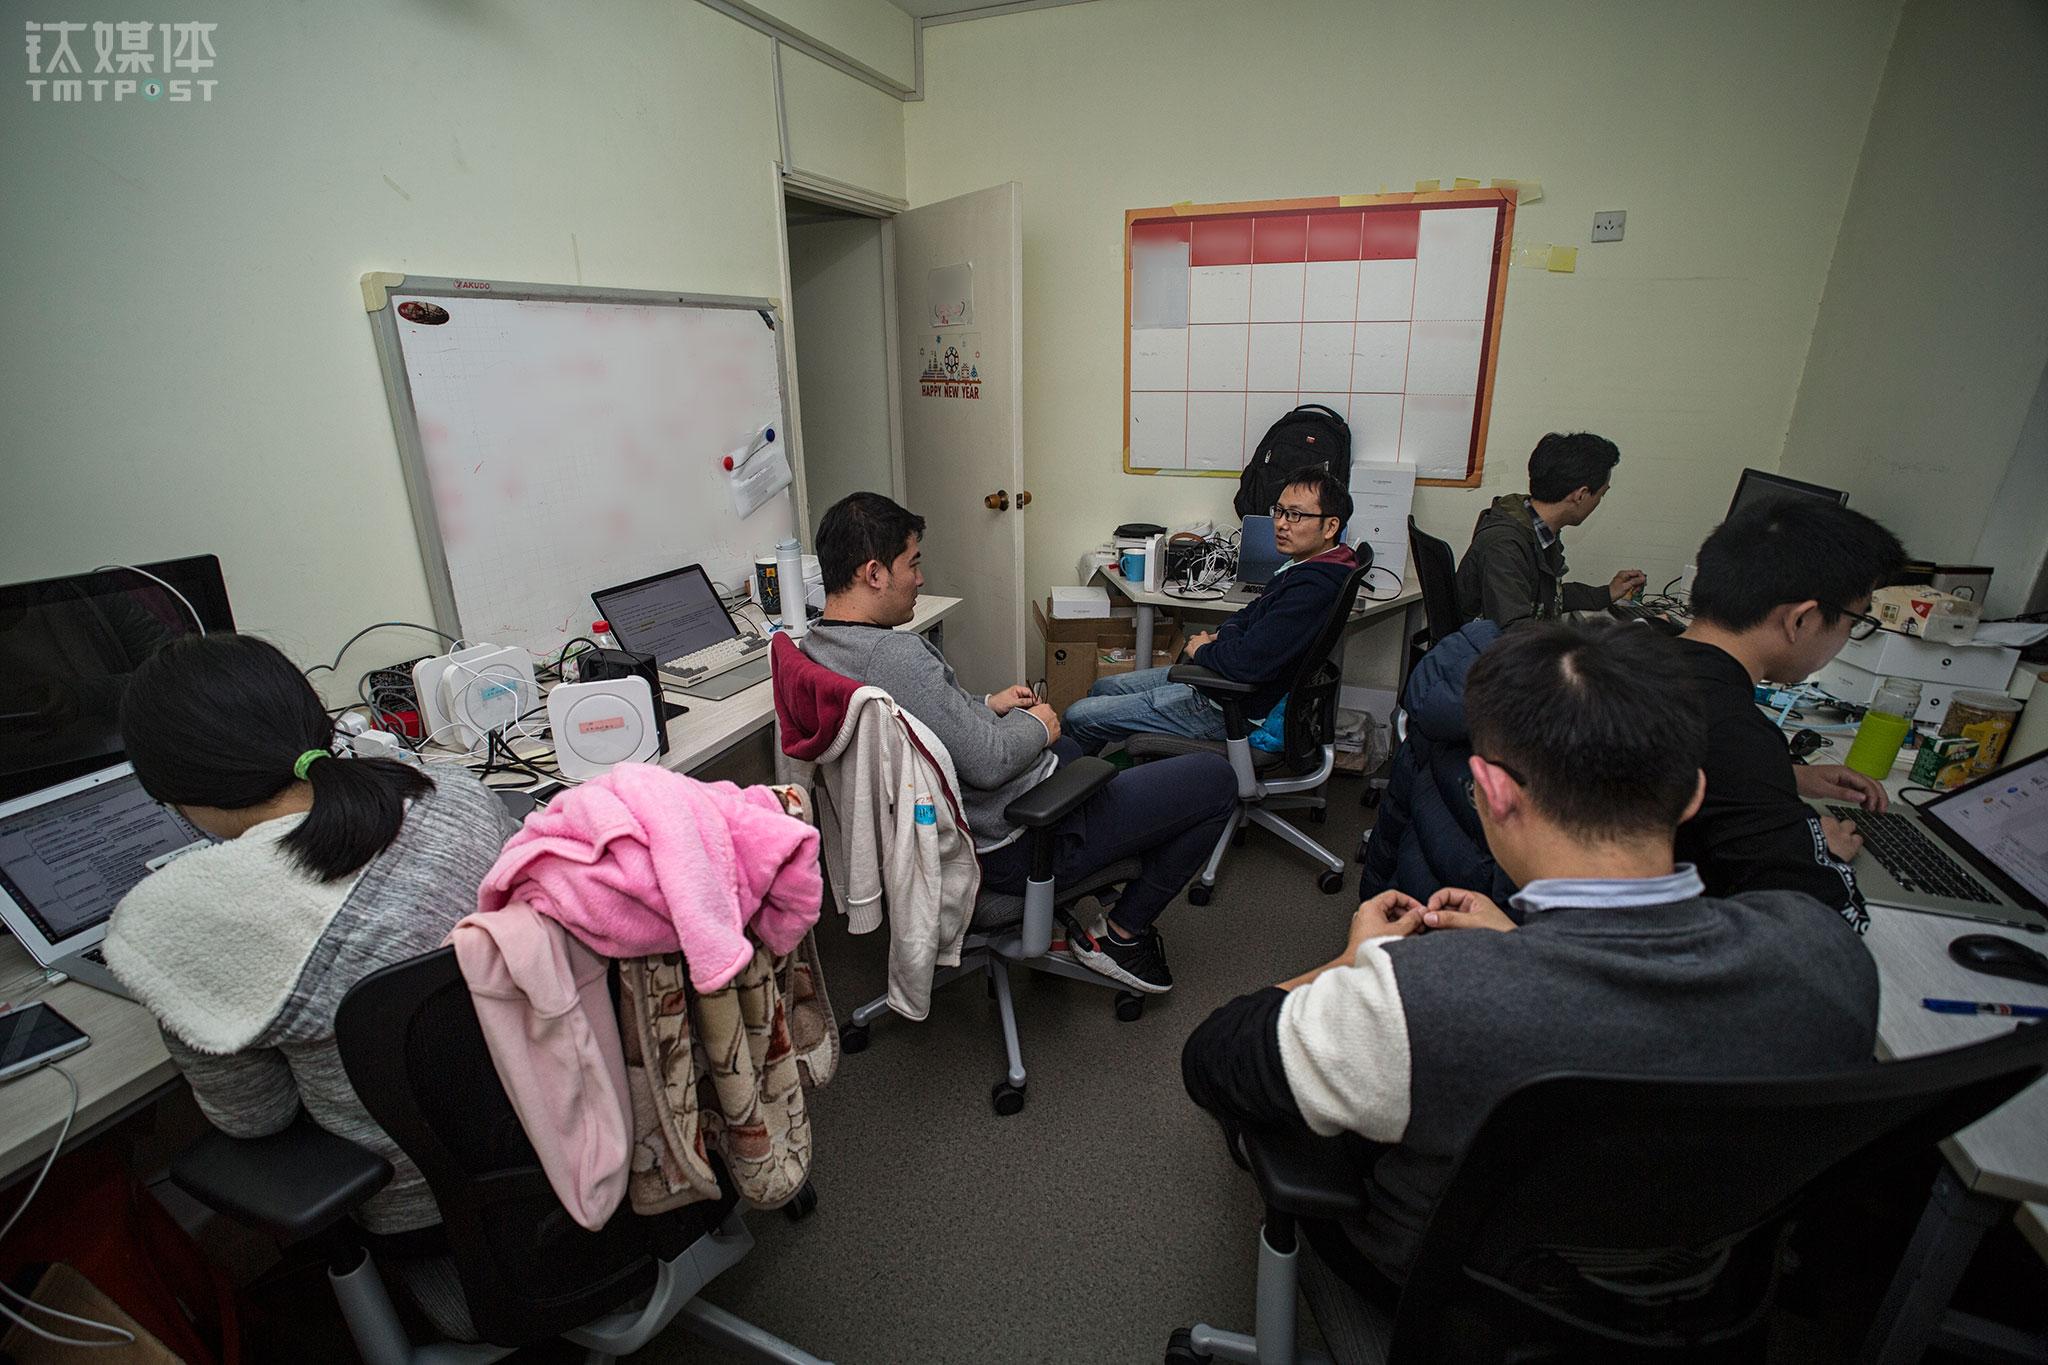 """11月6日晚上8:30,钉钉智能通讯中心项目成员在讨论产品。这套四室两厅的房子,挤进了46个工位,空间逼仄,让每个人的距离也更近。""""其实我们是把这个项目当成自己的项目在做。""""一名成员表示,大家每天都在创业,都在一起解决问题,在推进项目一步步完善,比在舒适的环境里做轻松的项目更有凝聚力,""""就像战友一样""""。"""